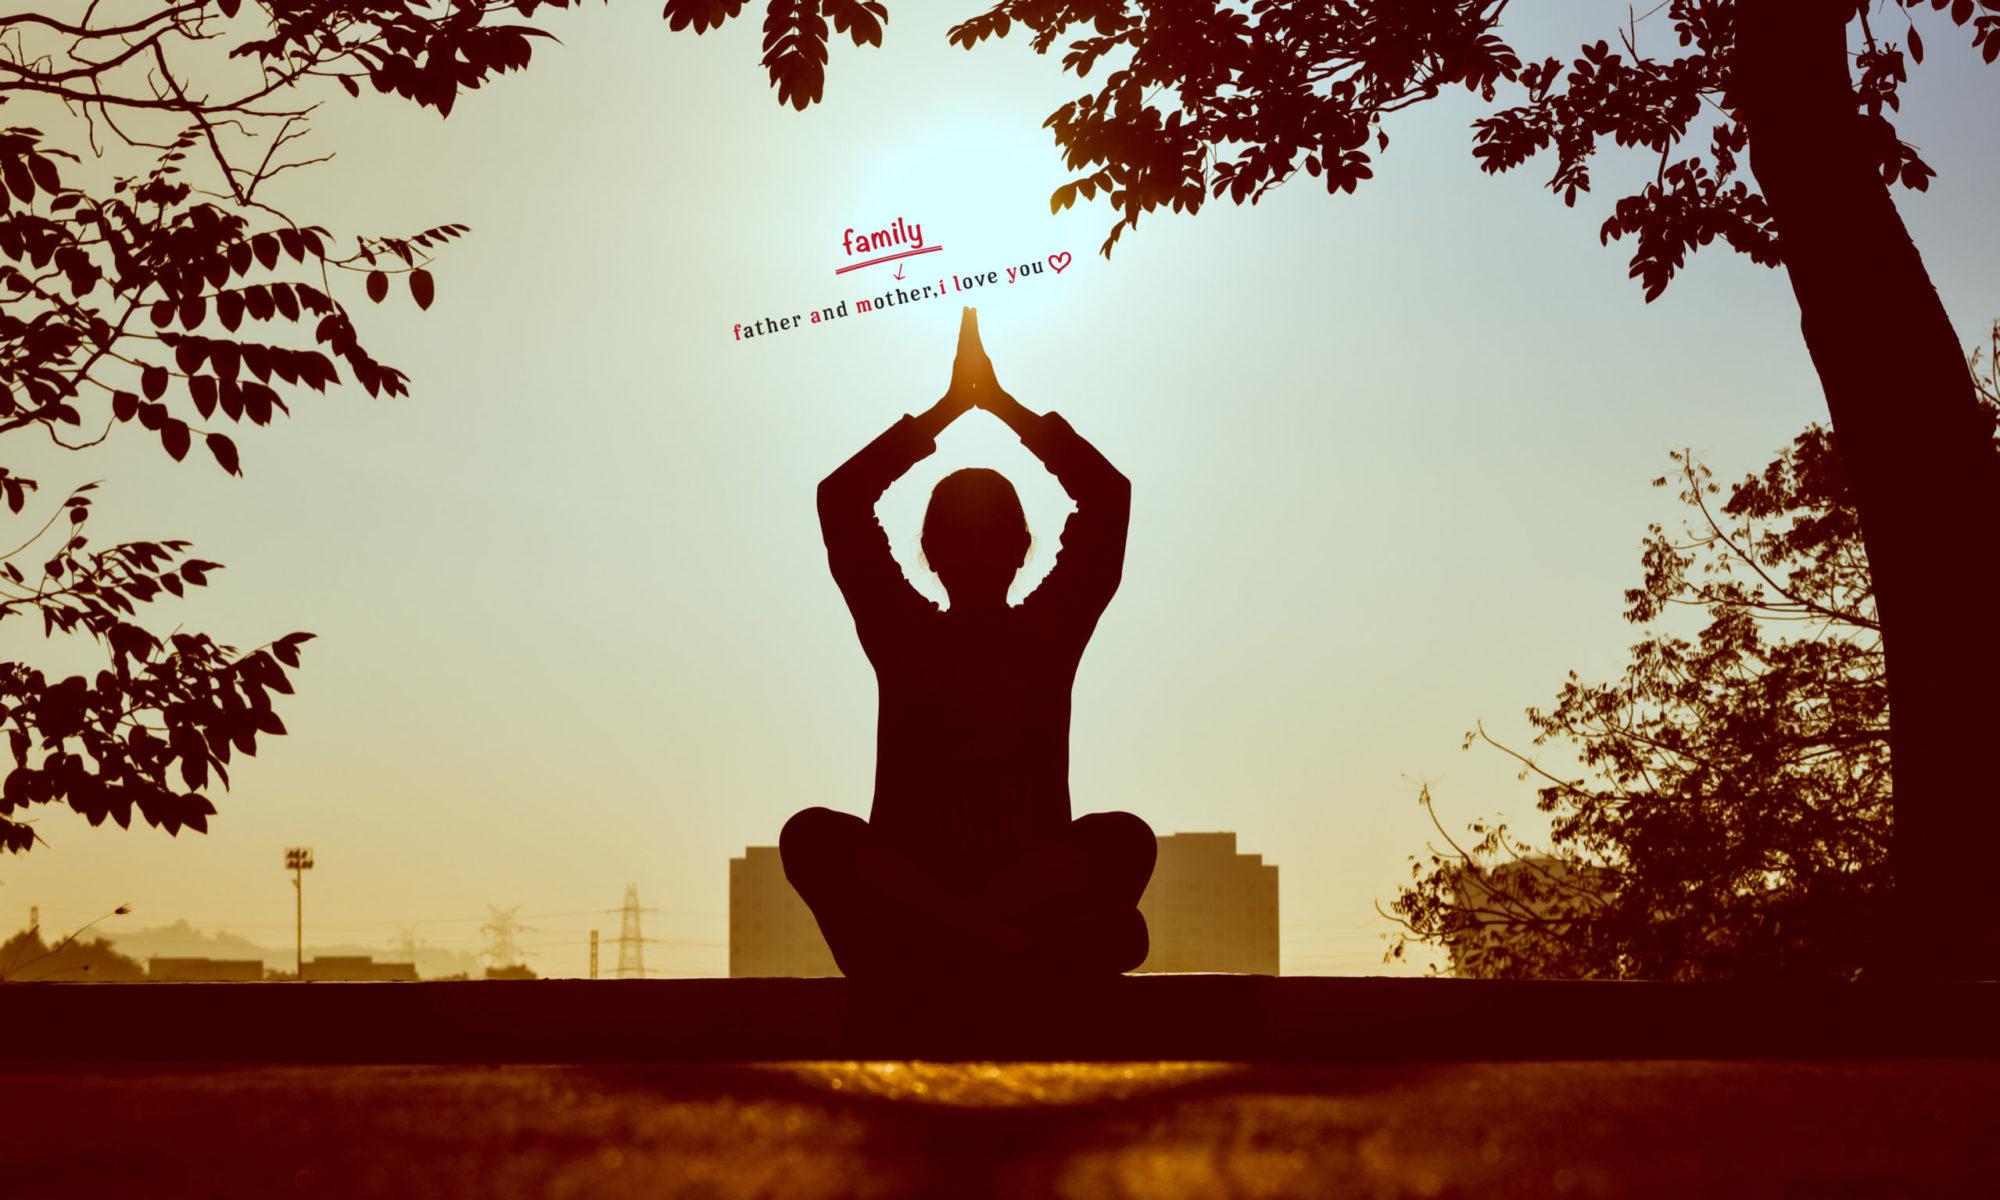 安城のヨガスタジオ|Yoga Space Family ヨガ スペース ファミリー